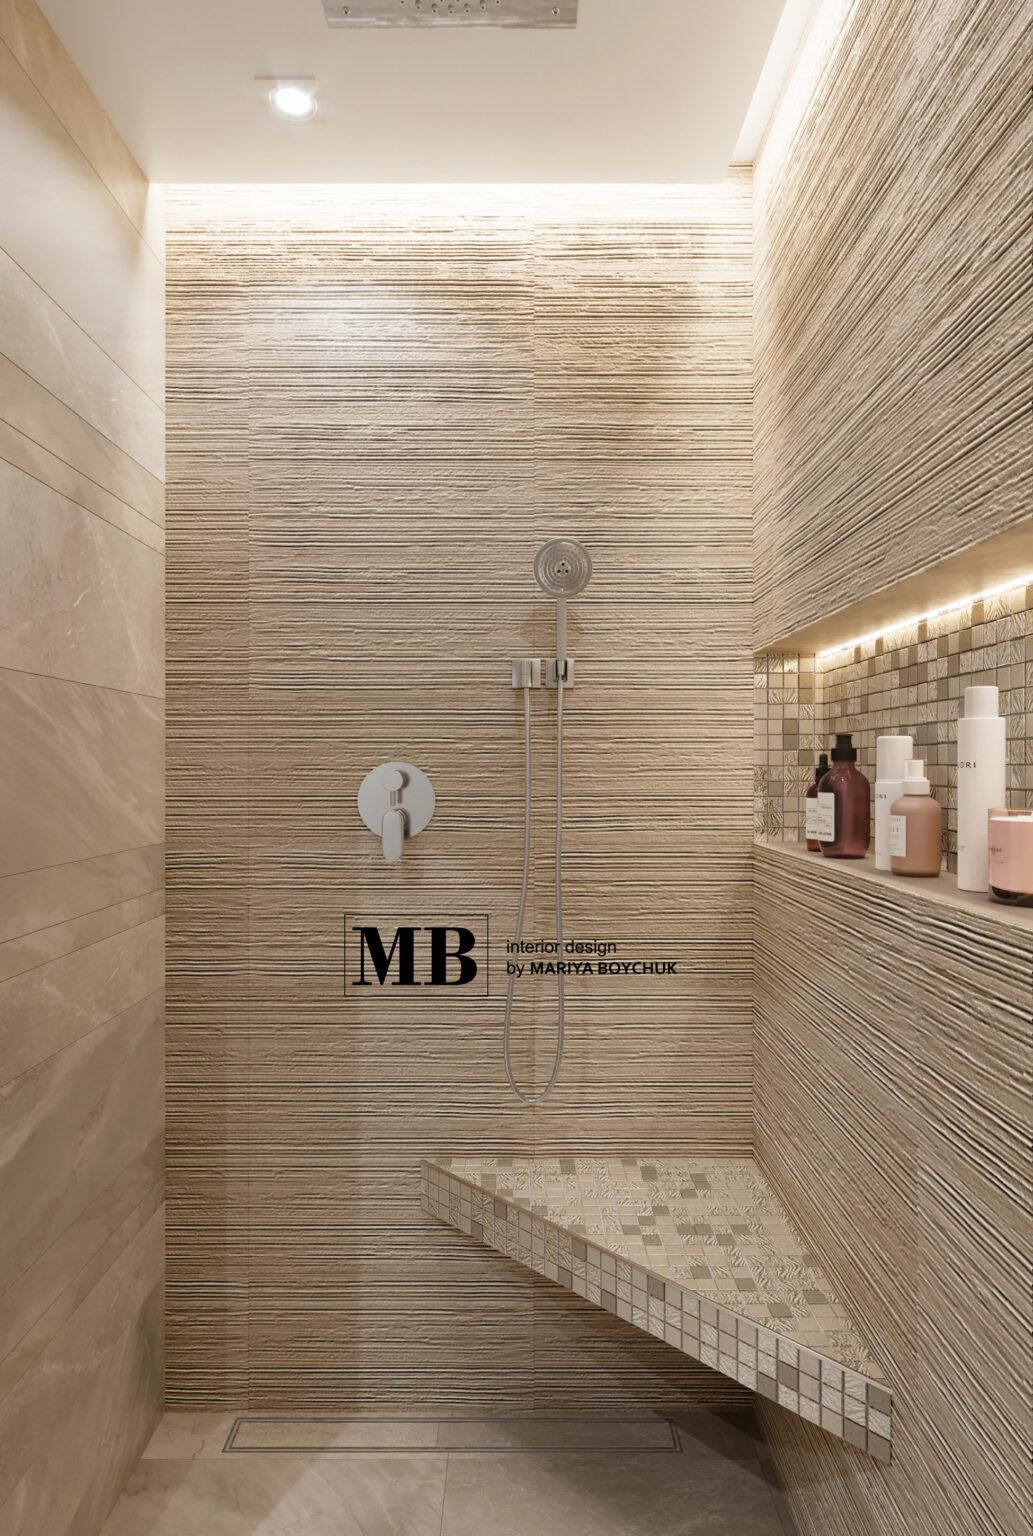 красивый дизайн интерьера в стиле современной классиики в Калининграде